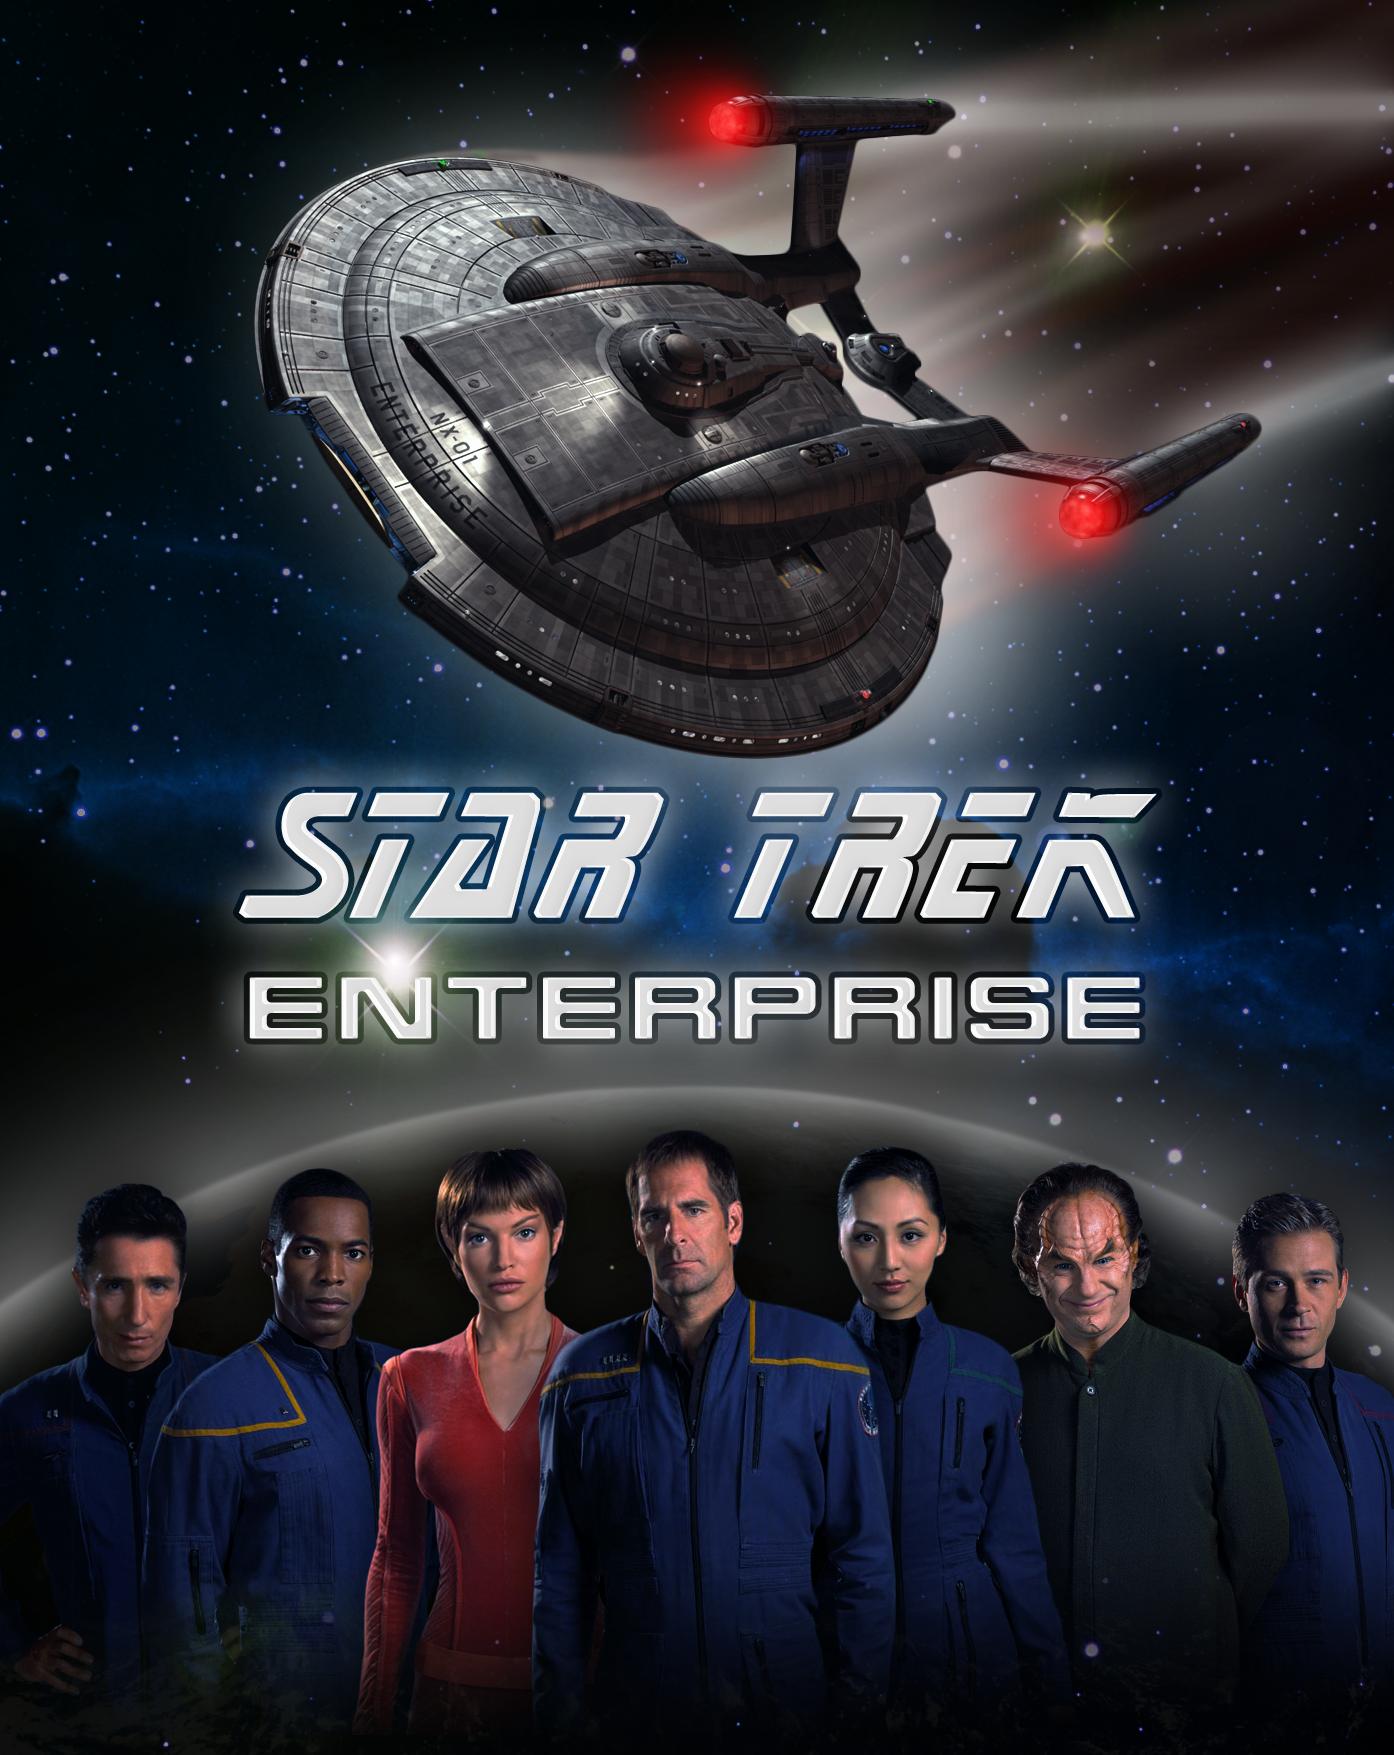 Star Trek Enterprise Wallpapers Tv Show Hq Star Trek Enterprise Pictures 4k Wallpapers 2019